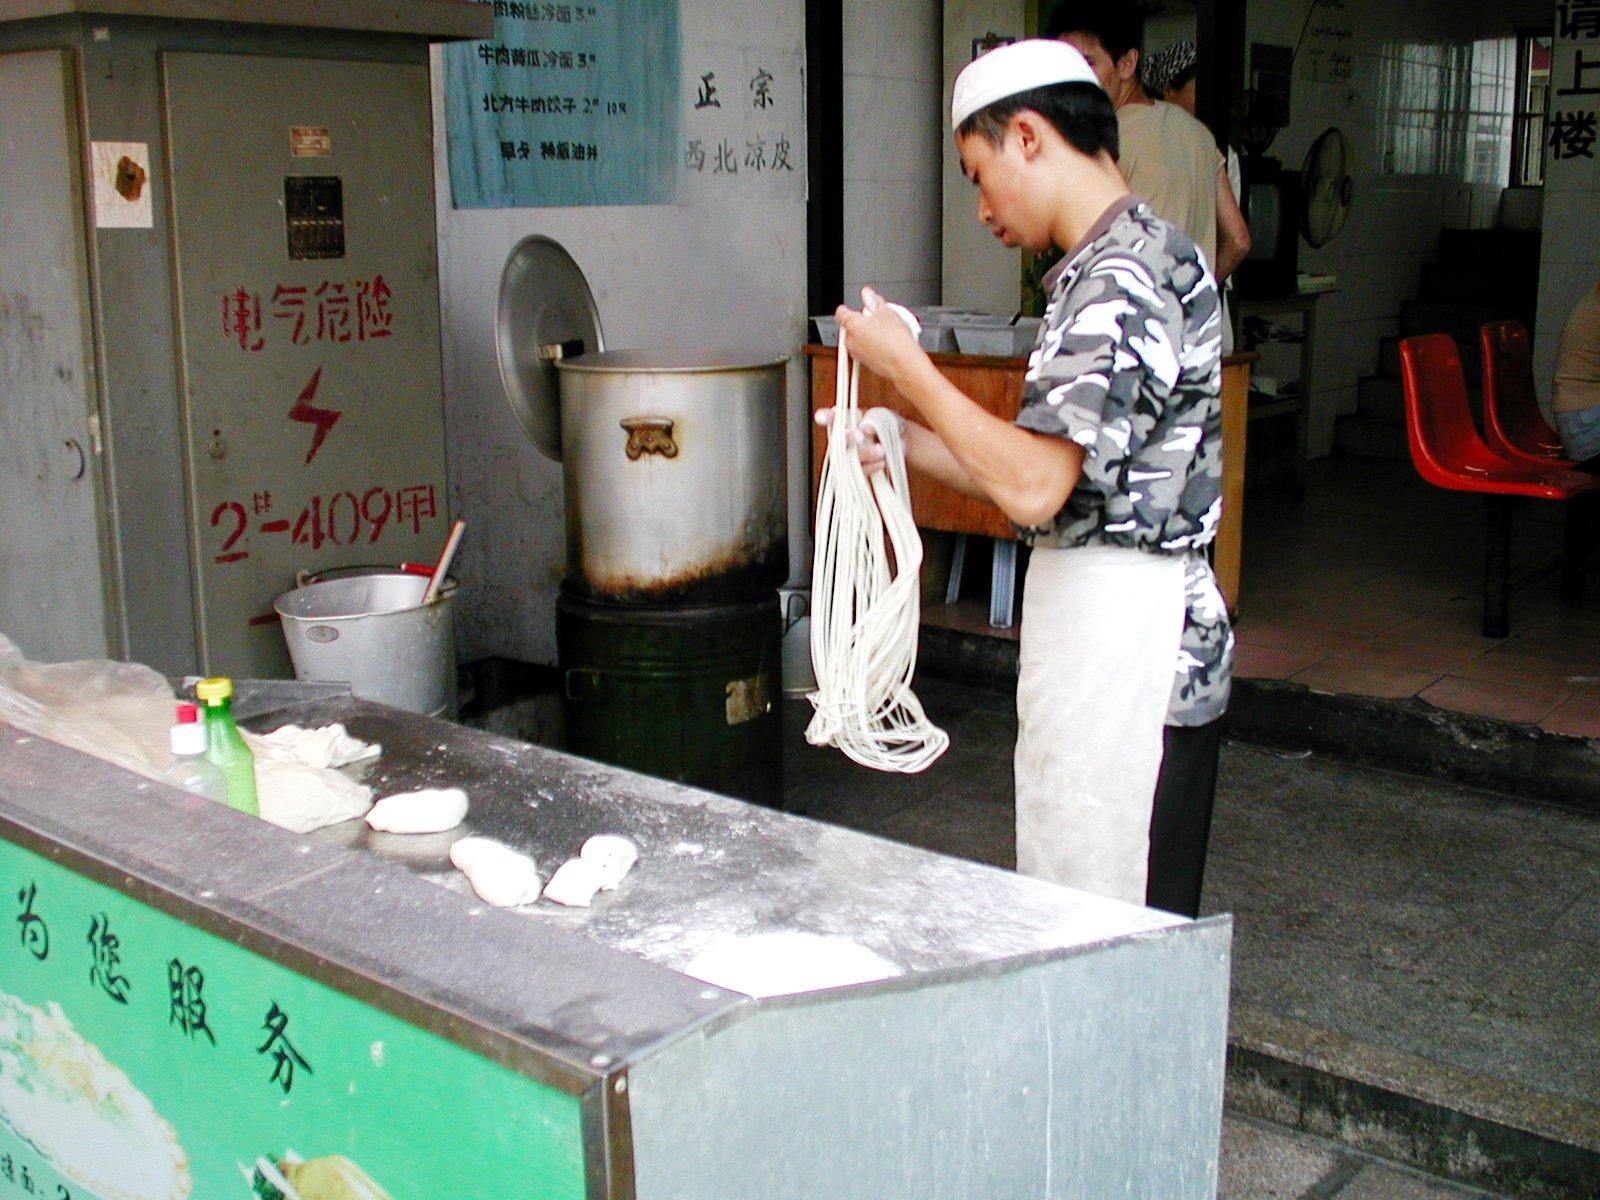 蘇州のラーメン屋さん、麺をこれから伸ばします